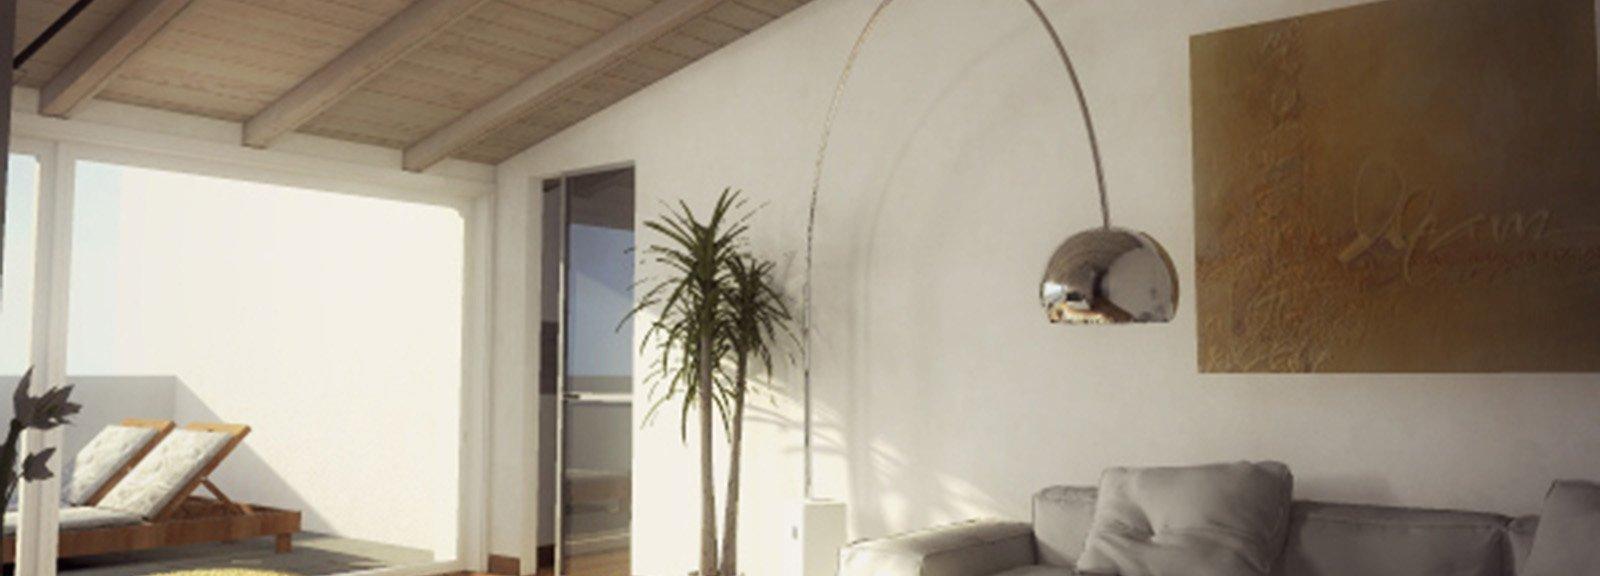 Mansarda una casa sottotetto luminosa e contemporanea for Piccoli progetti di casa contemporanea